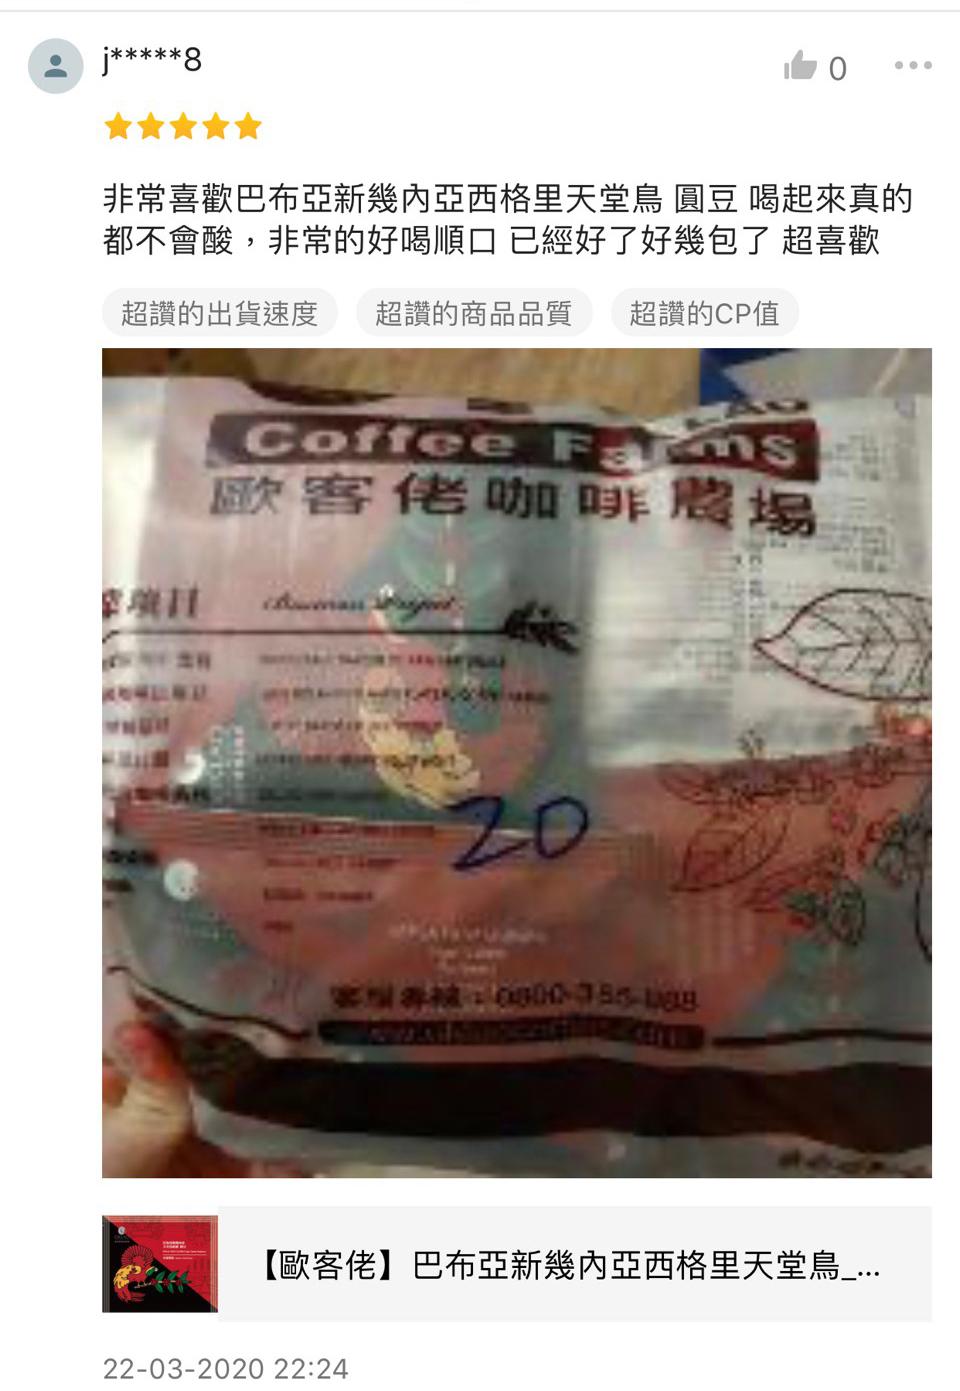 【歐客佬】巴布亞新幾內亞西格里天堂鳥_圓豆 (掛耳包) 中深烘焙 (商品貨號:43010289) 咖啡 OKLAO 非常喜歡巴布亞新幾內亞西格里天堂鳥 圓豆 喝起來真的都不會酸,非常的好喝順口 已經好了好幾包了 超喜歡